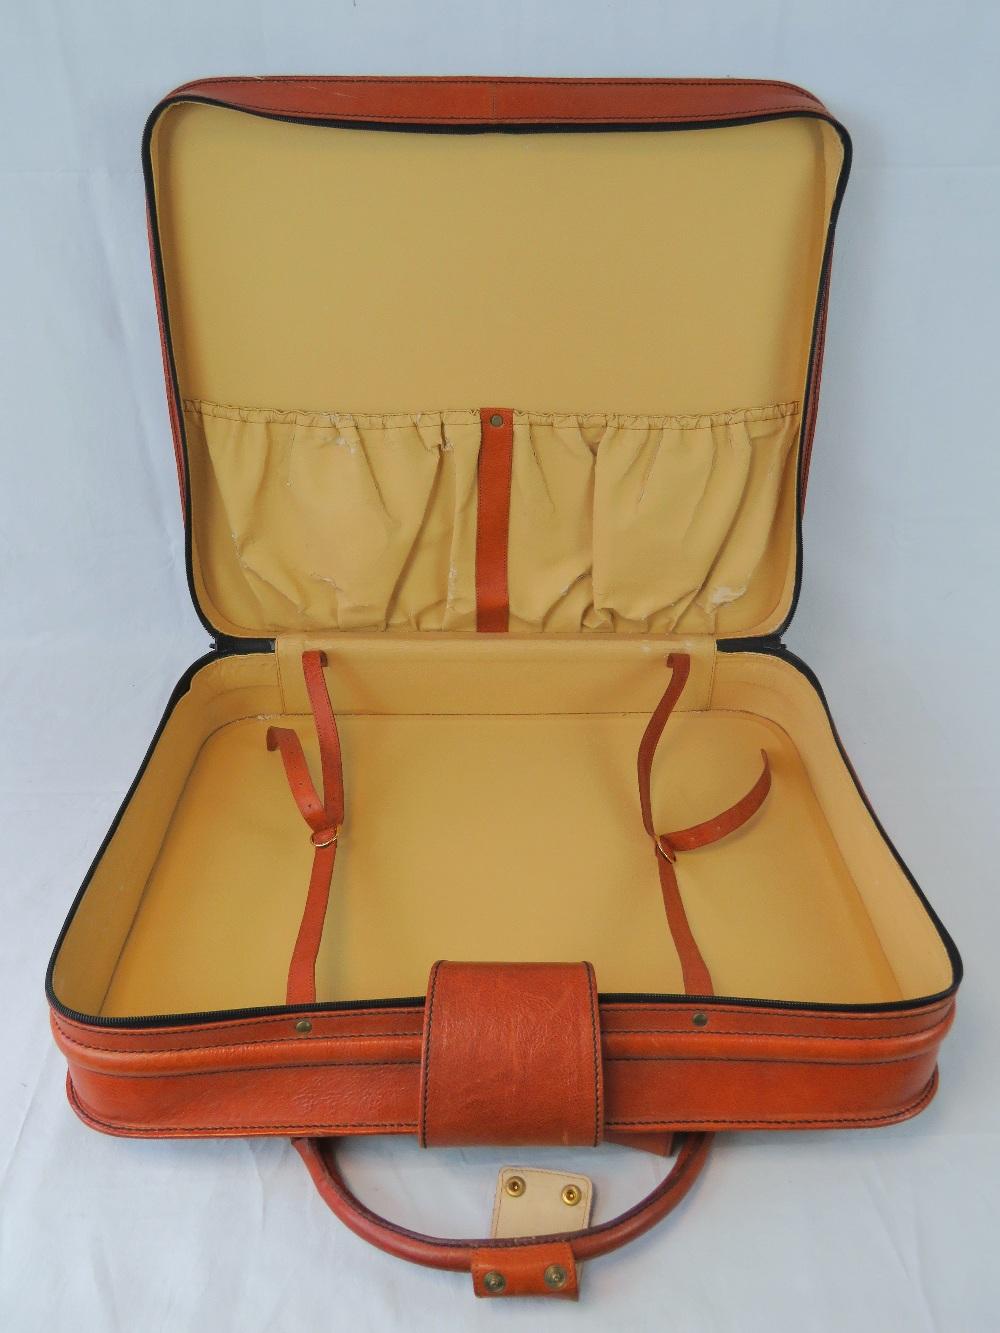 Lot 15 - Ferrari Testarossa luggage set by Schedo